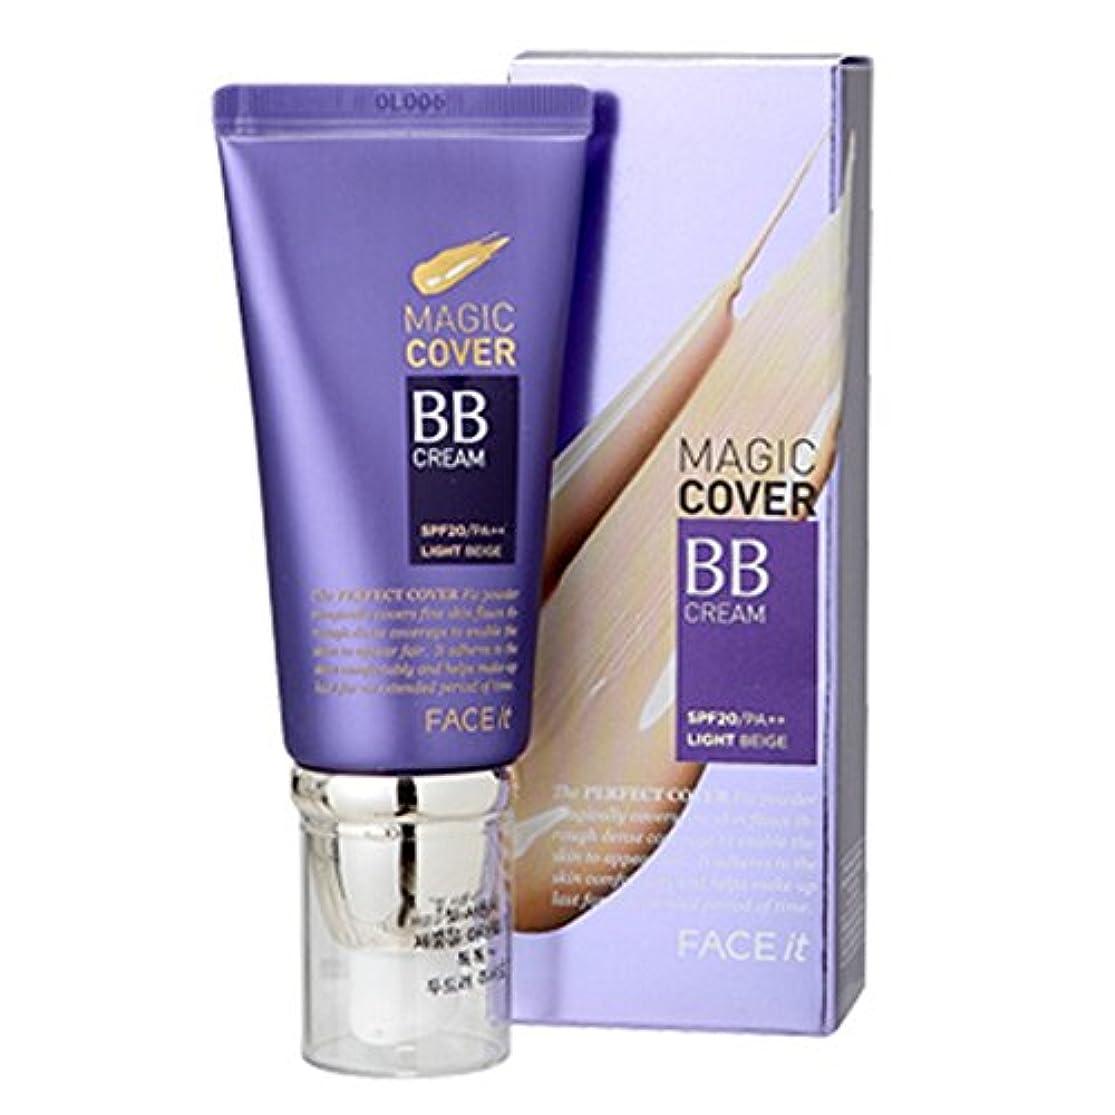 花嫁スロット死ぬザフェイスショップ The Face Shop Face It Magic Cover BB Cream 45ml (02 Natural Beige)